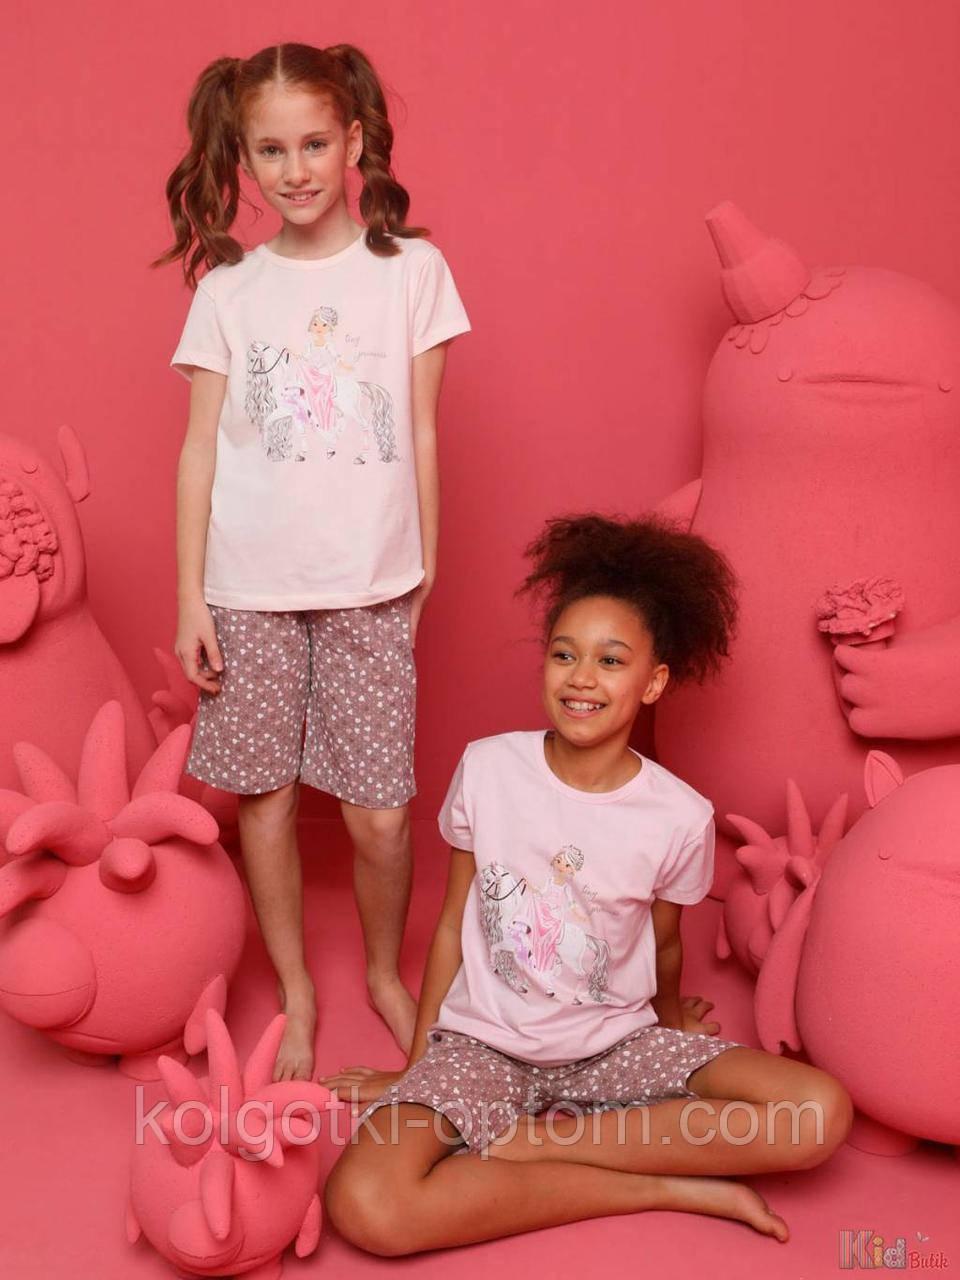 ОПТОМ Пижама шорты и футболка Tiny Princess для девочки 8-9 лет (134 см.)  Donella 8697840567415